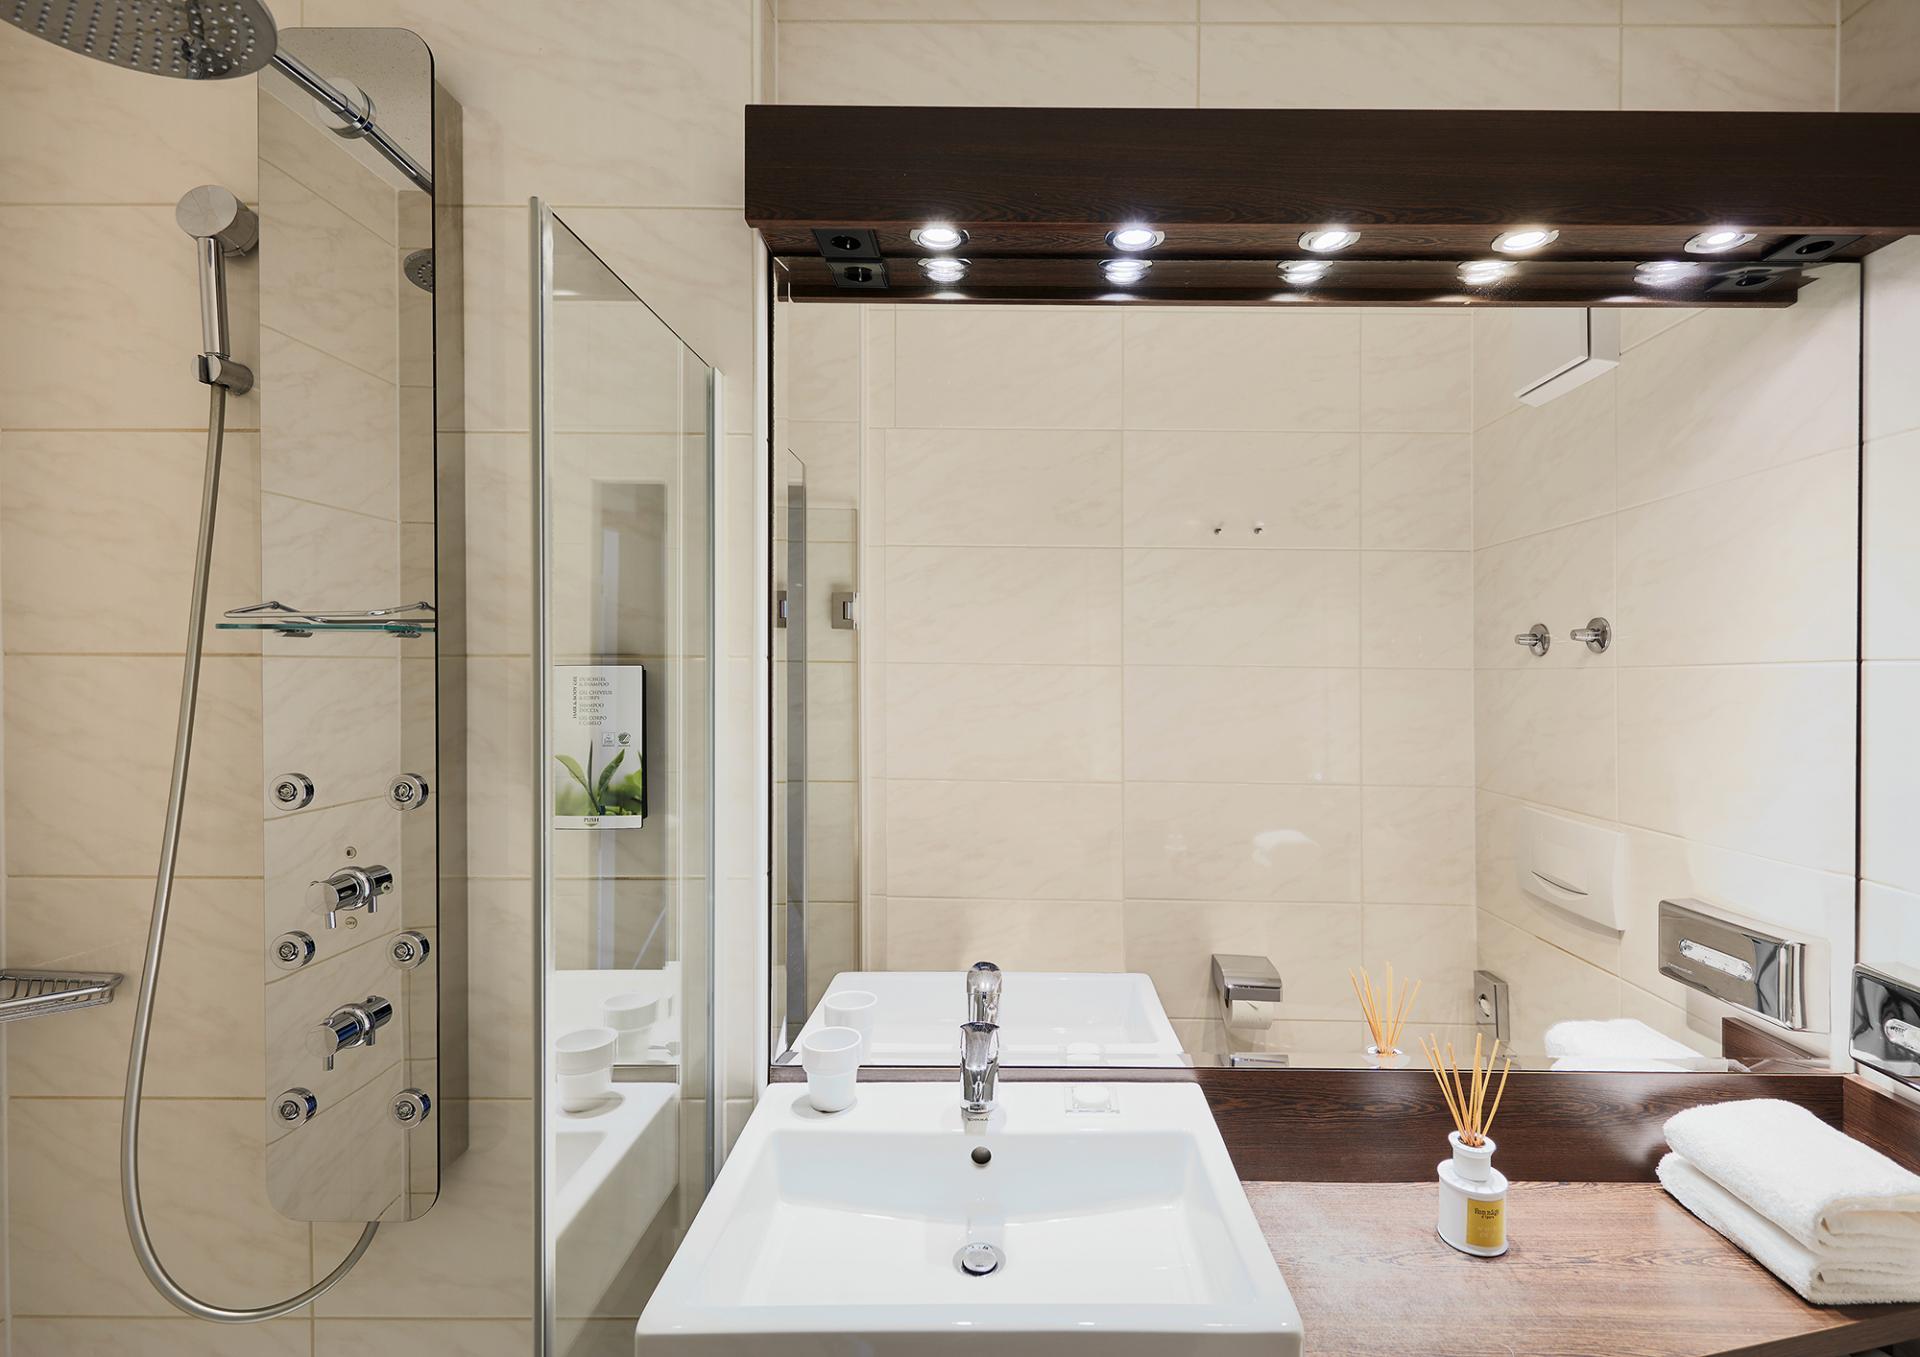 Bathroom at Living Hotel Deutschen Museum Apartments, Haidhausen, Munich